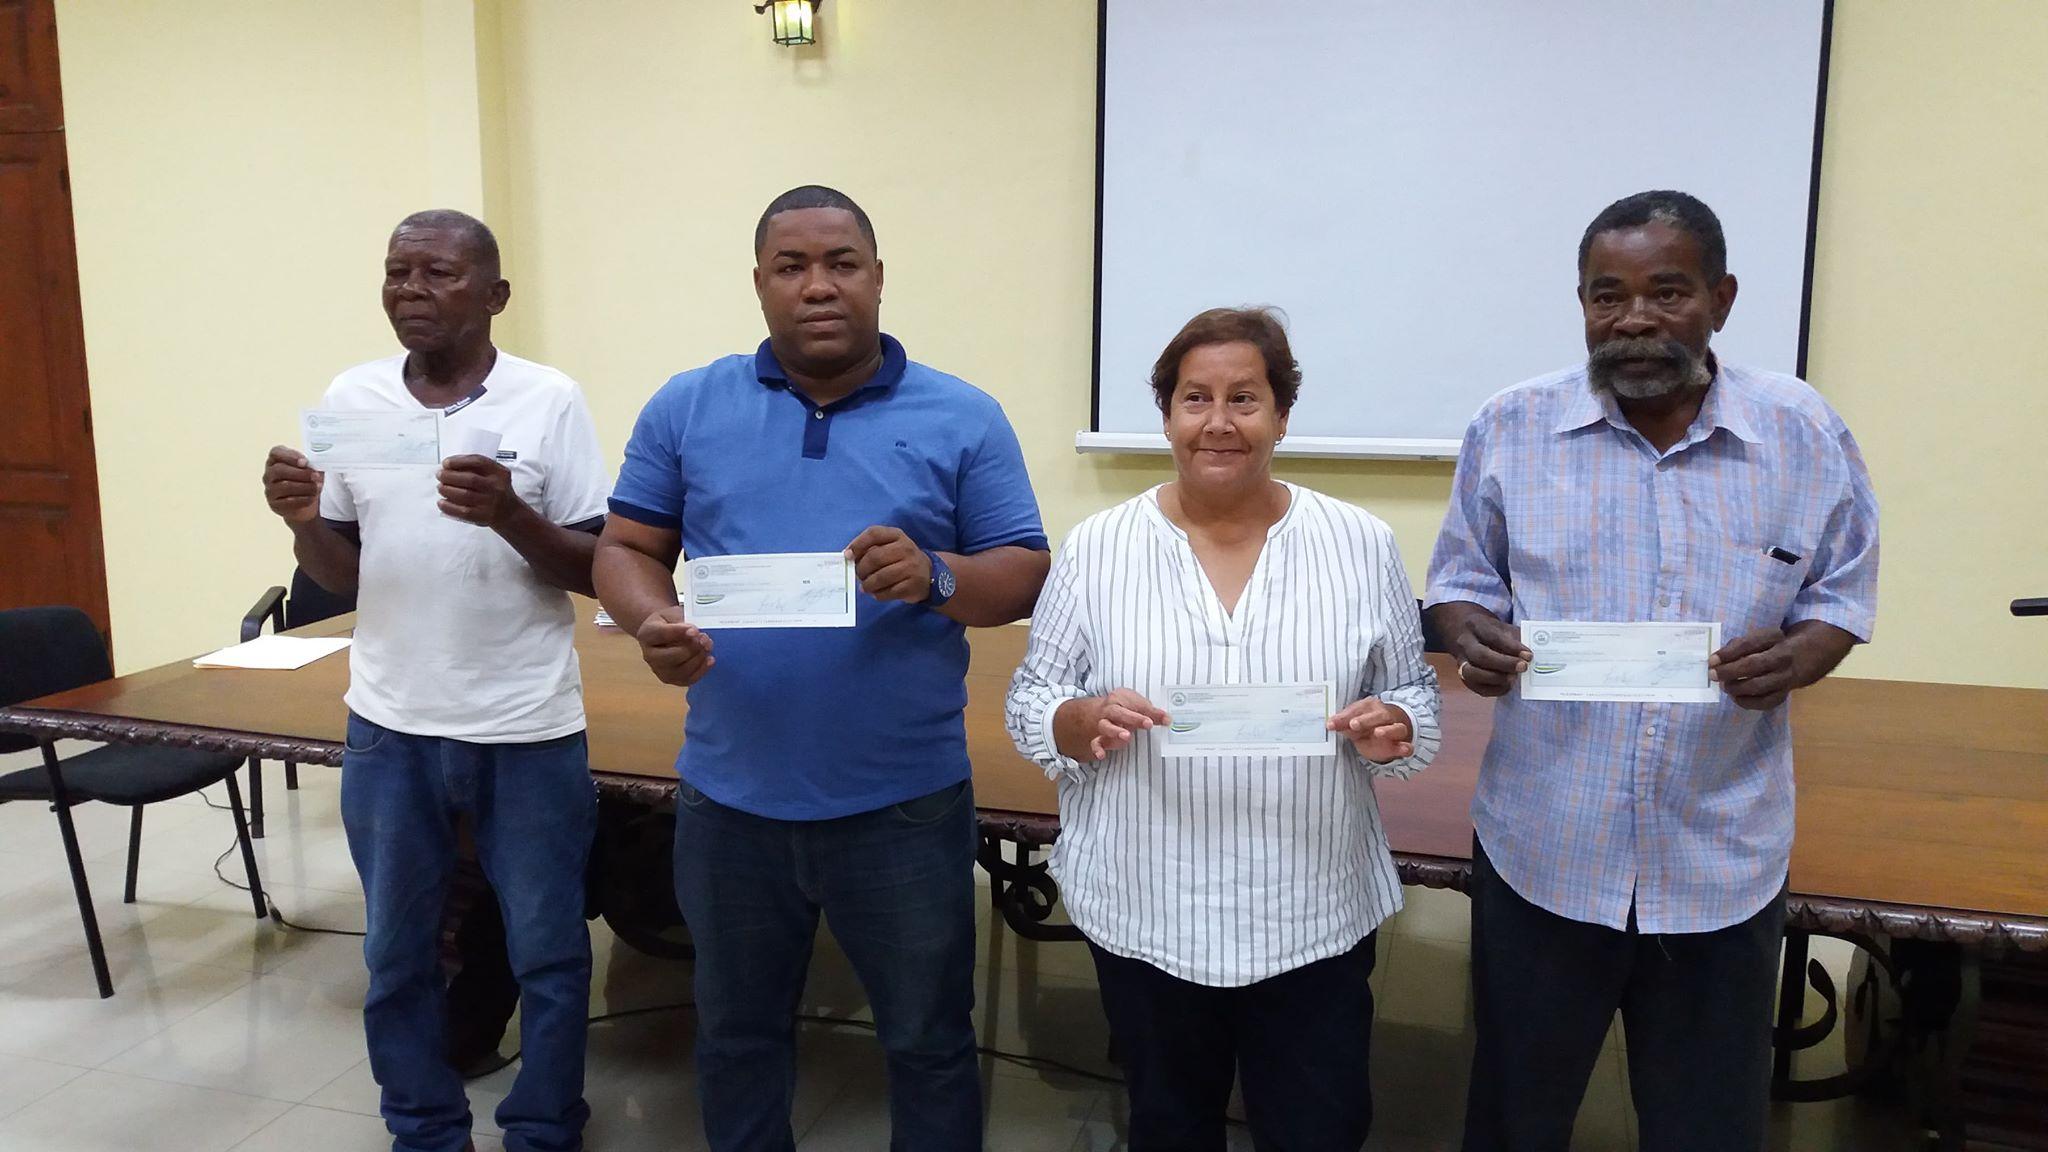 El ayuntamiento entrega cheques RD$350,625.97, correspondiente al 20% y cubicación final de nuevas Inversiones en obras, en distintos sectores de San Pedro de Macorís.